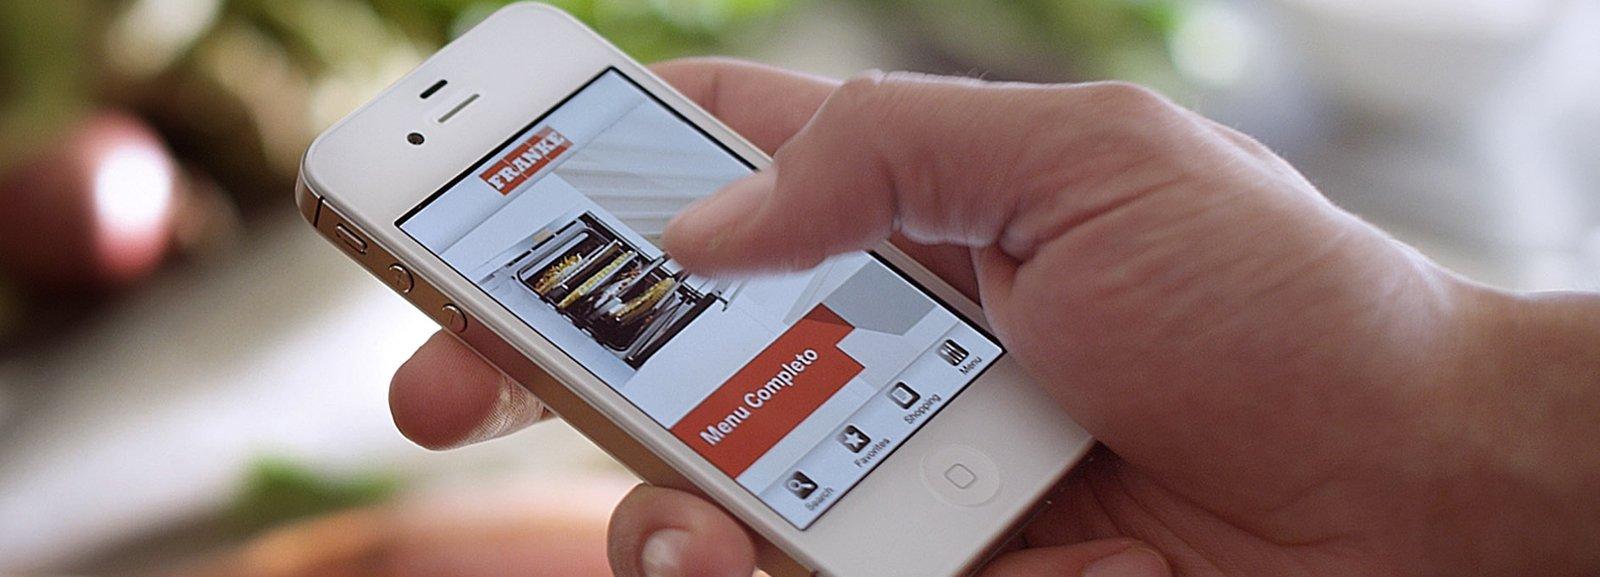 Un 39 app per cucinare a distanza cose di casa for Cose per cucinare 94